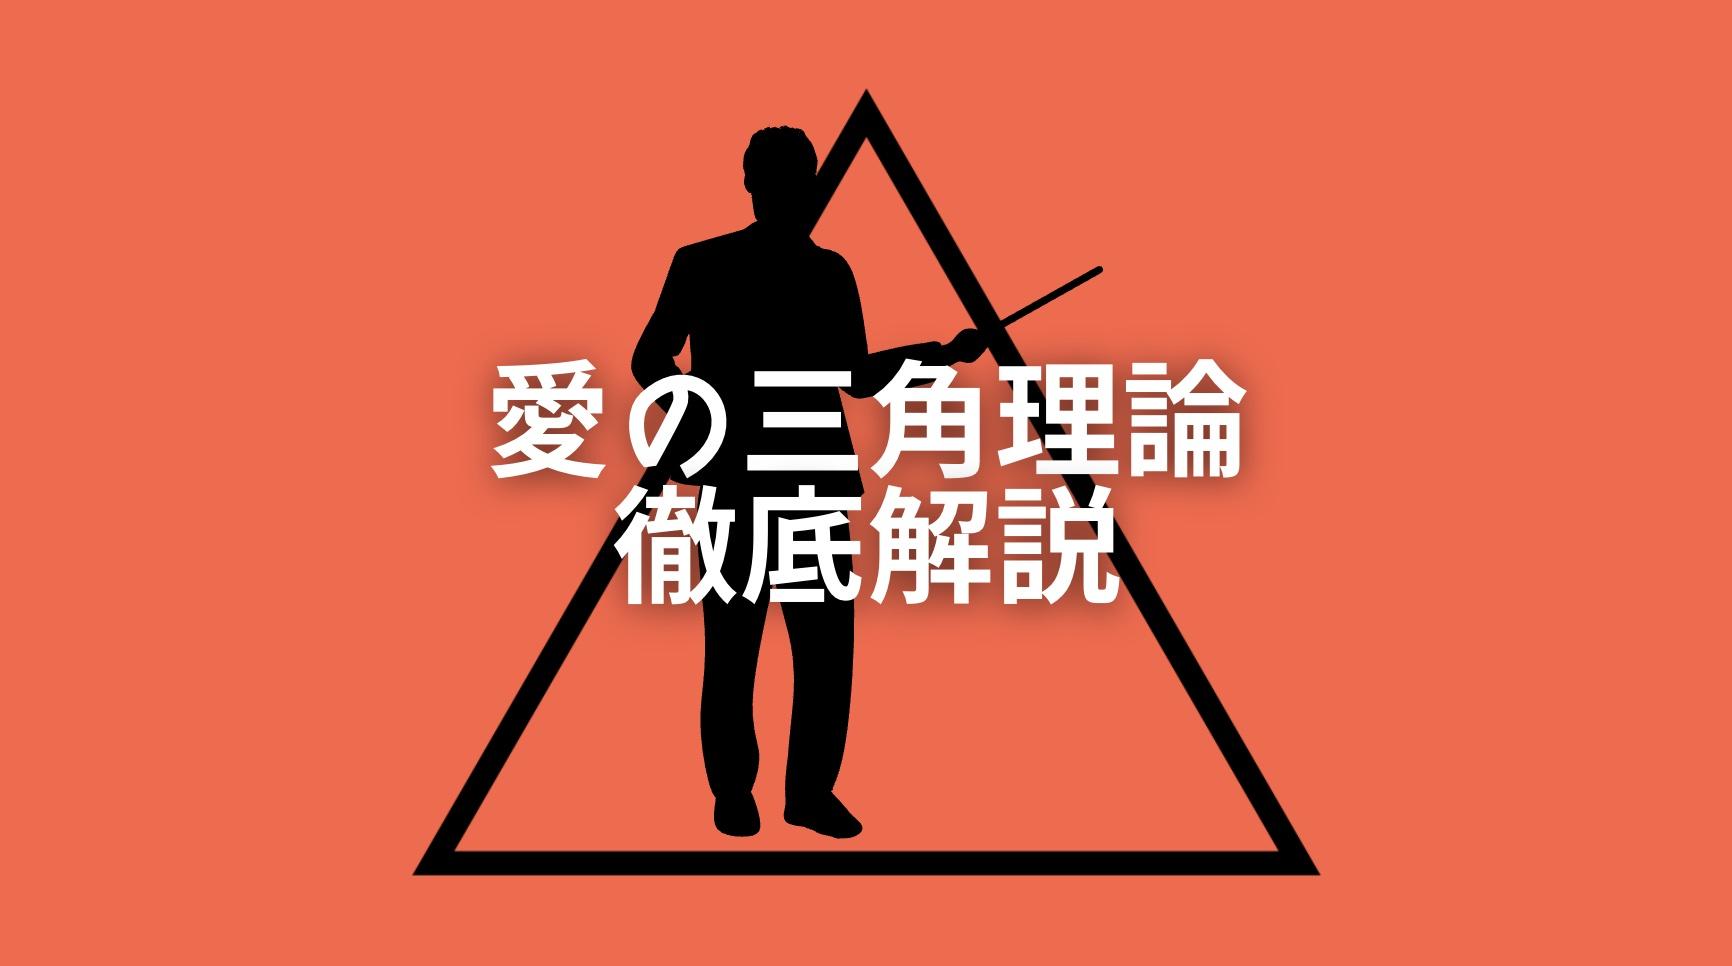 【愛の三角理論】の意味について徹底的に解説します!のアイキャッチ画像